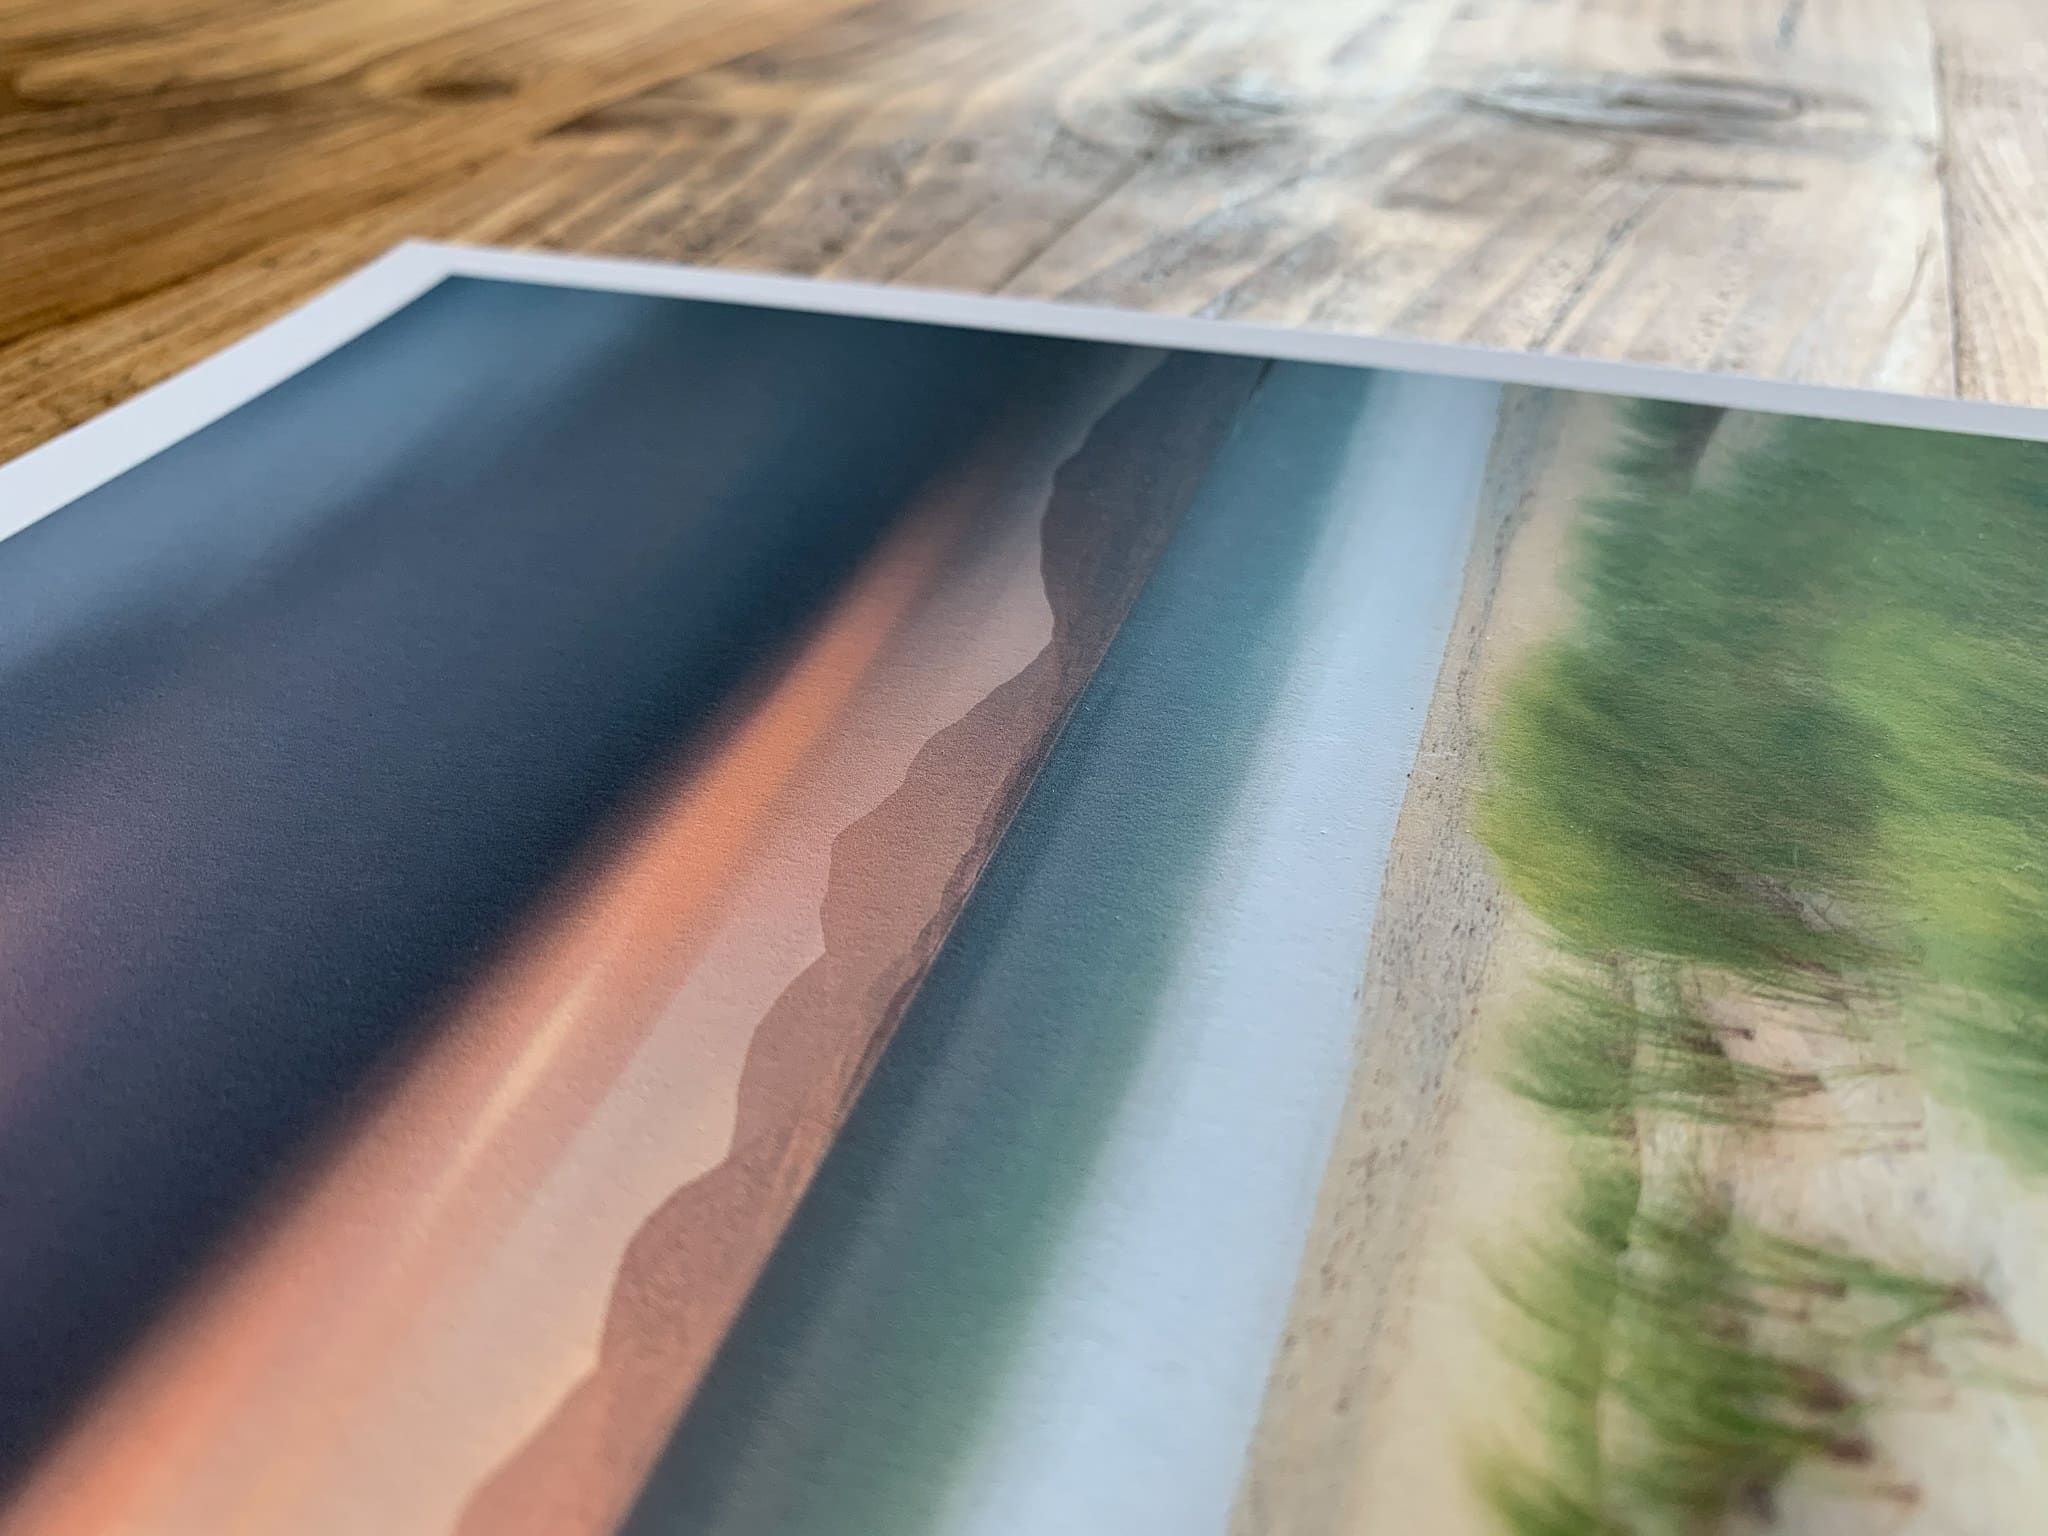 7 Francesco Gola Seascape Long Exposure Photography Review Best Fine Art Paper Hahnemuhle Hahnemühle